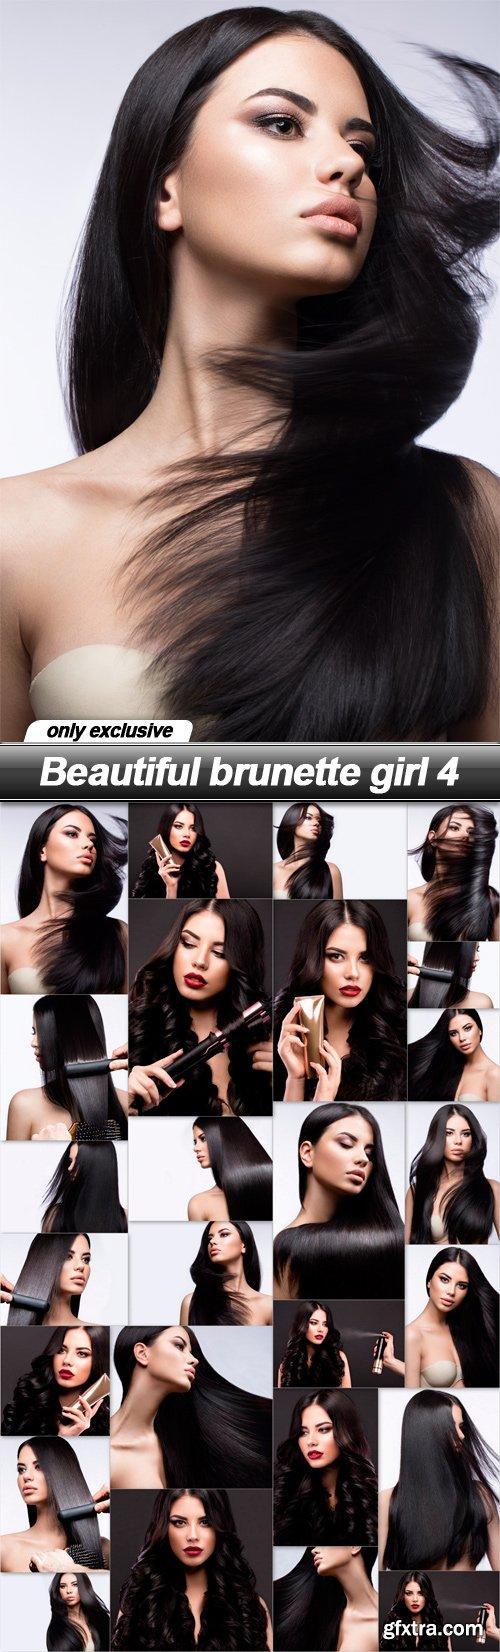 Beautiful brunette girl 4 - 26 UHQ JPEG